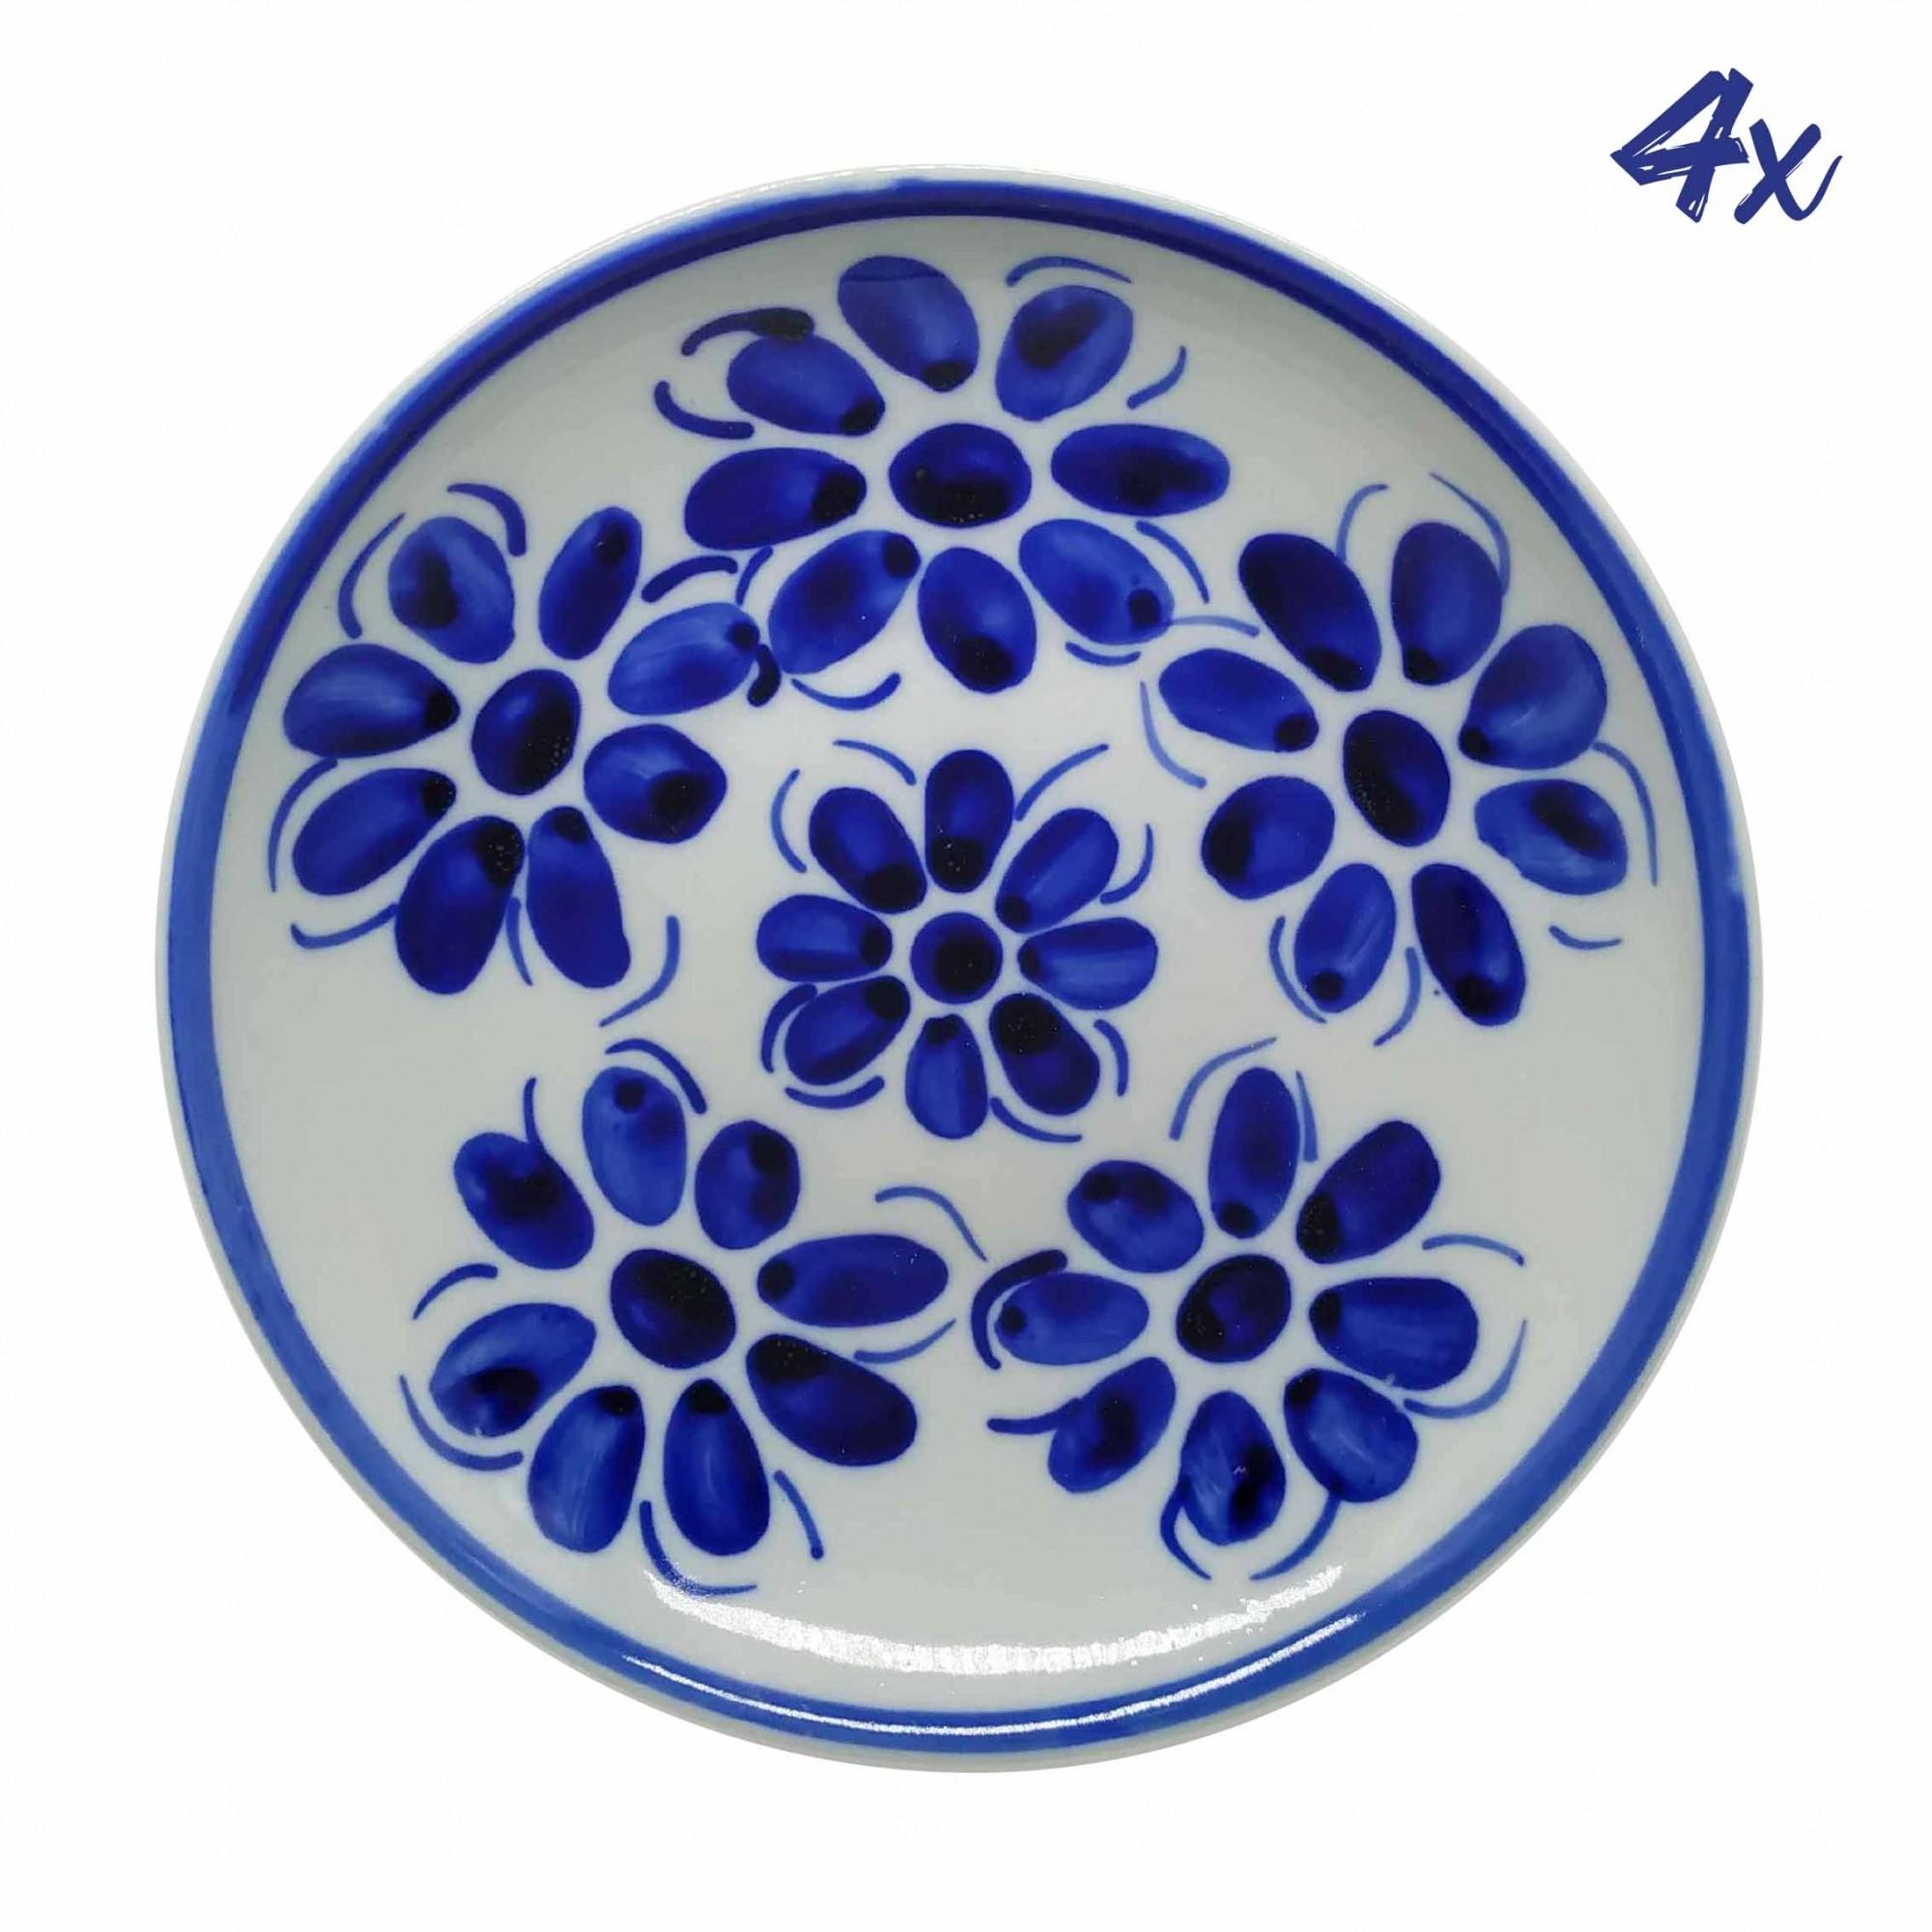 Jogo de 4 Pratos Fundos 22,5 cm Porcelana Azul Vintage